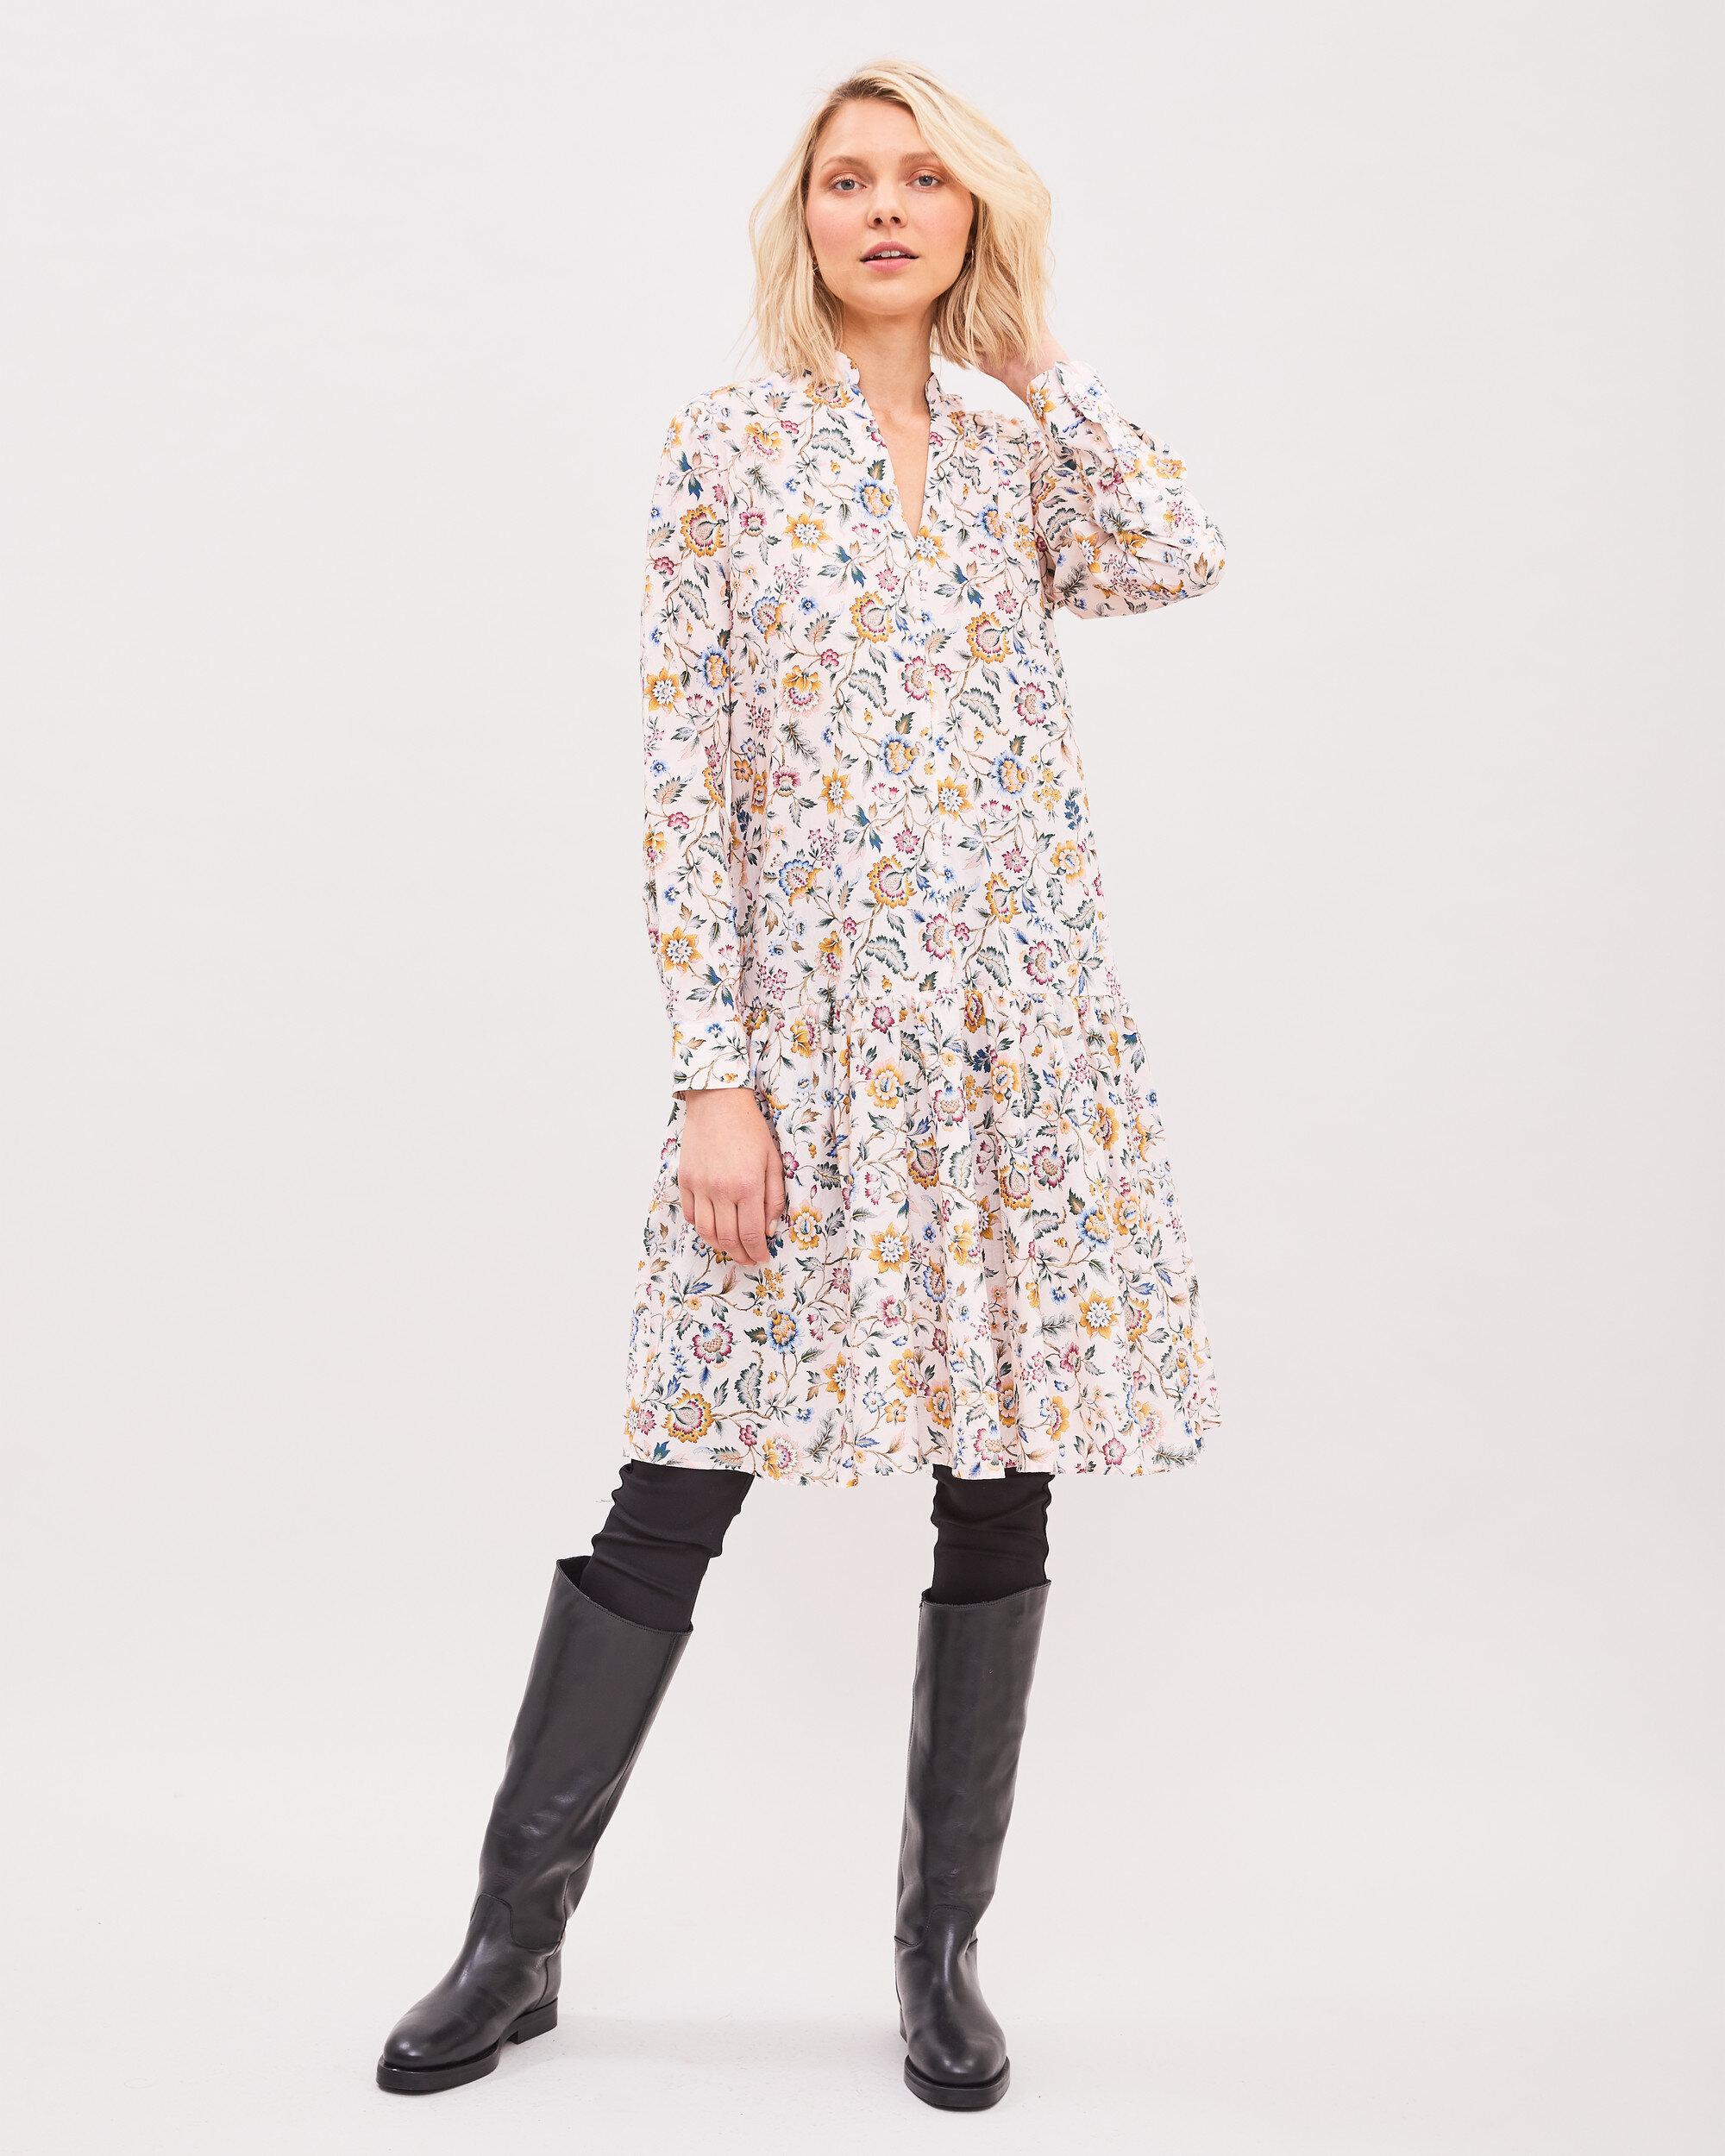 Eva Belle Dress